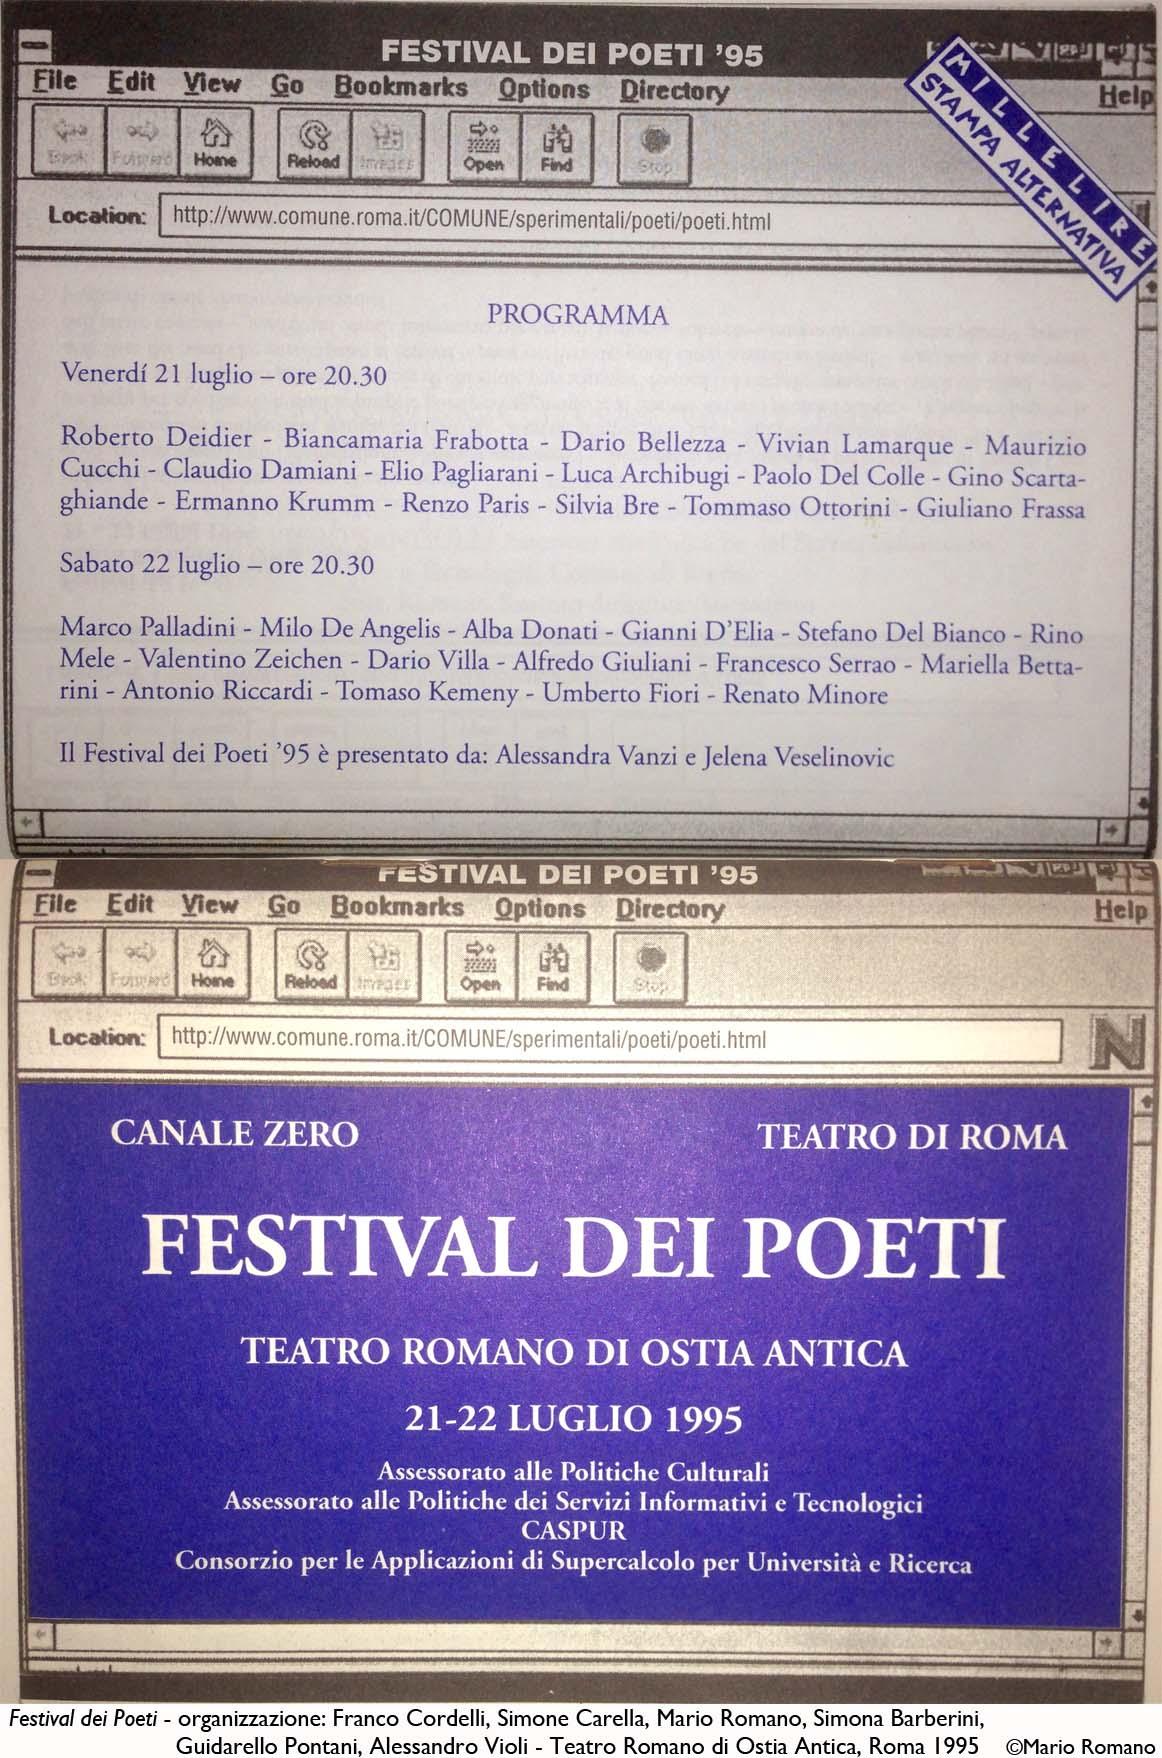 Festival dei Poeti_programma-1995